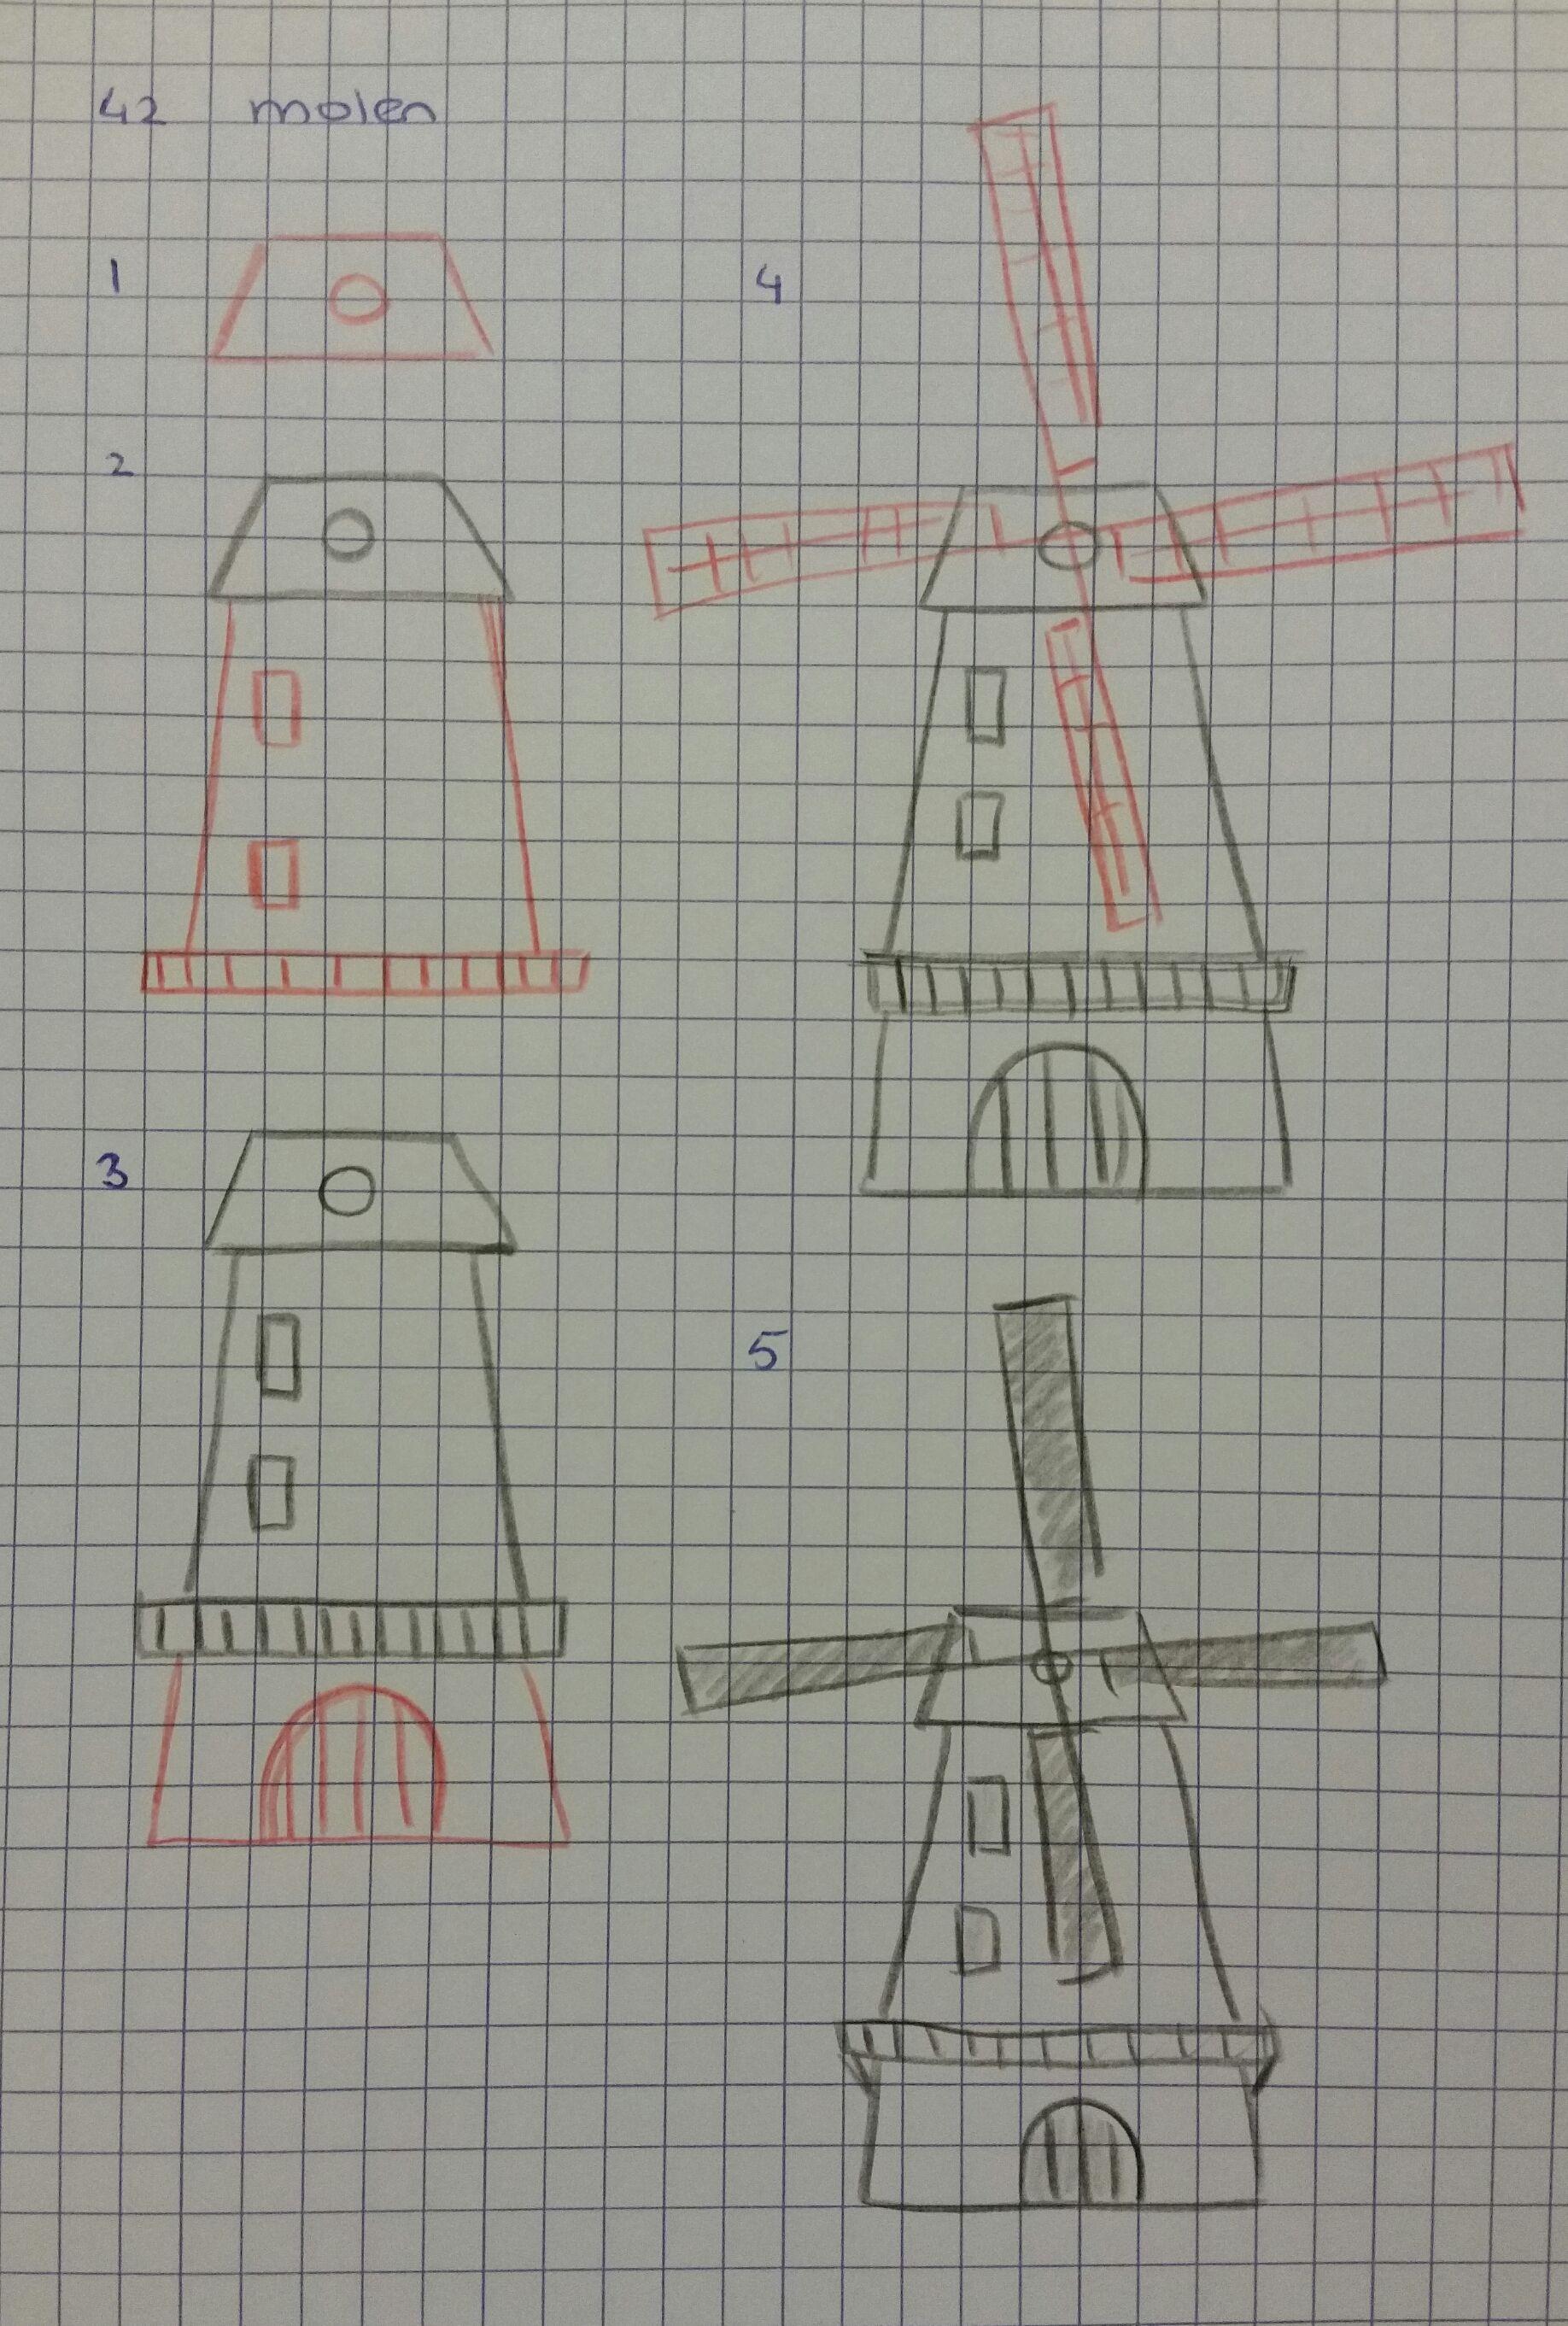 Pin Van Elke Stolk Op Tekenlessen En Ideeen Stap Voor Stap Stap Voor Stap Tekenen Leer Tekenen Tekenen